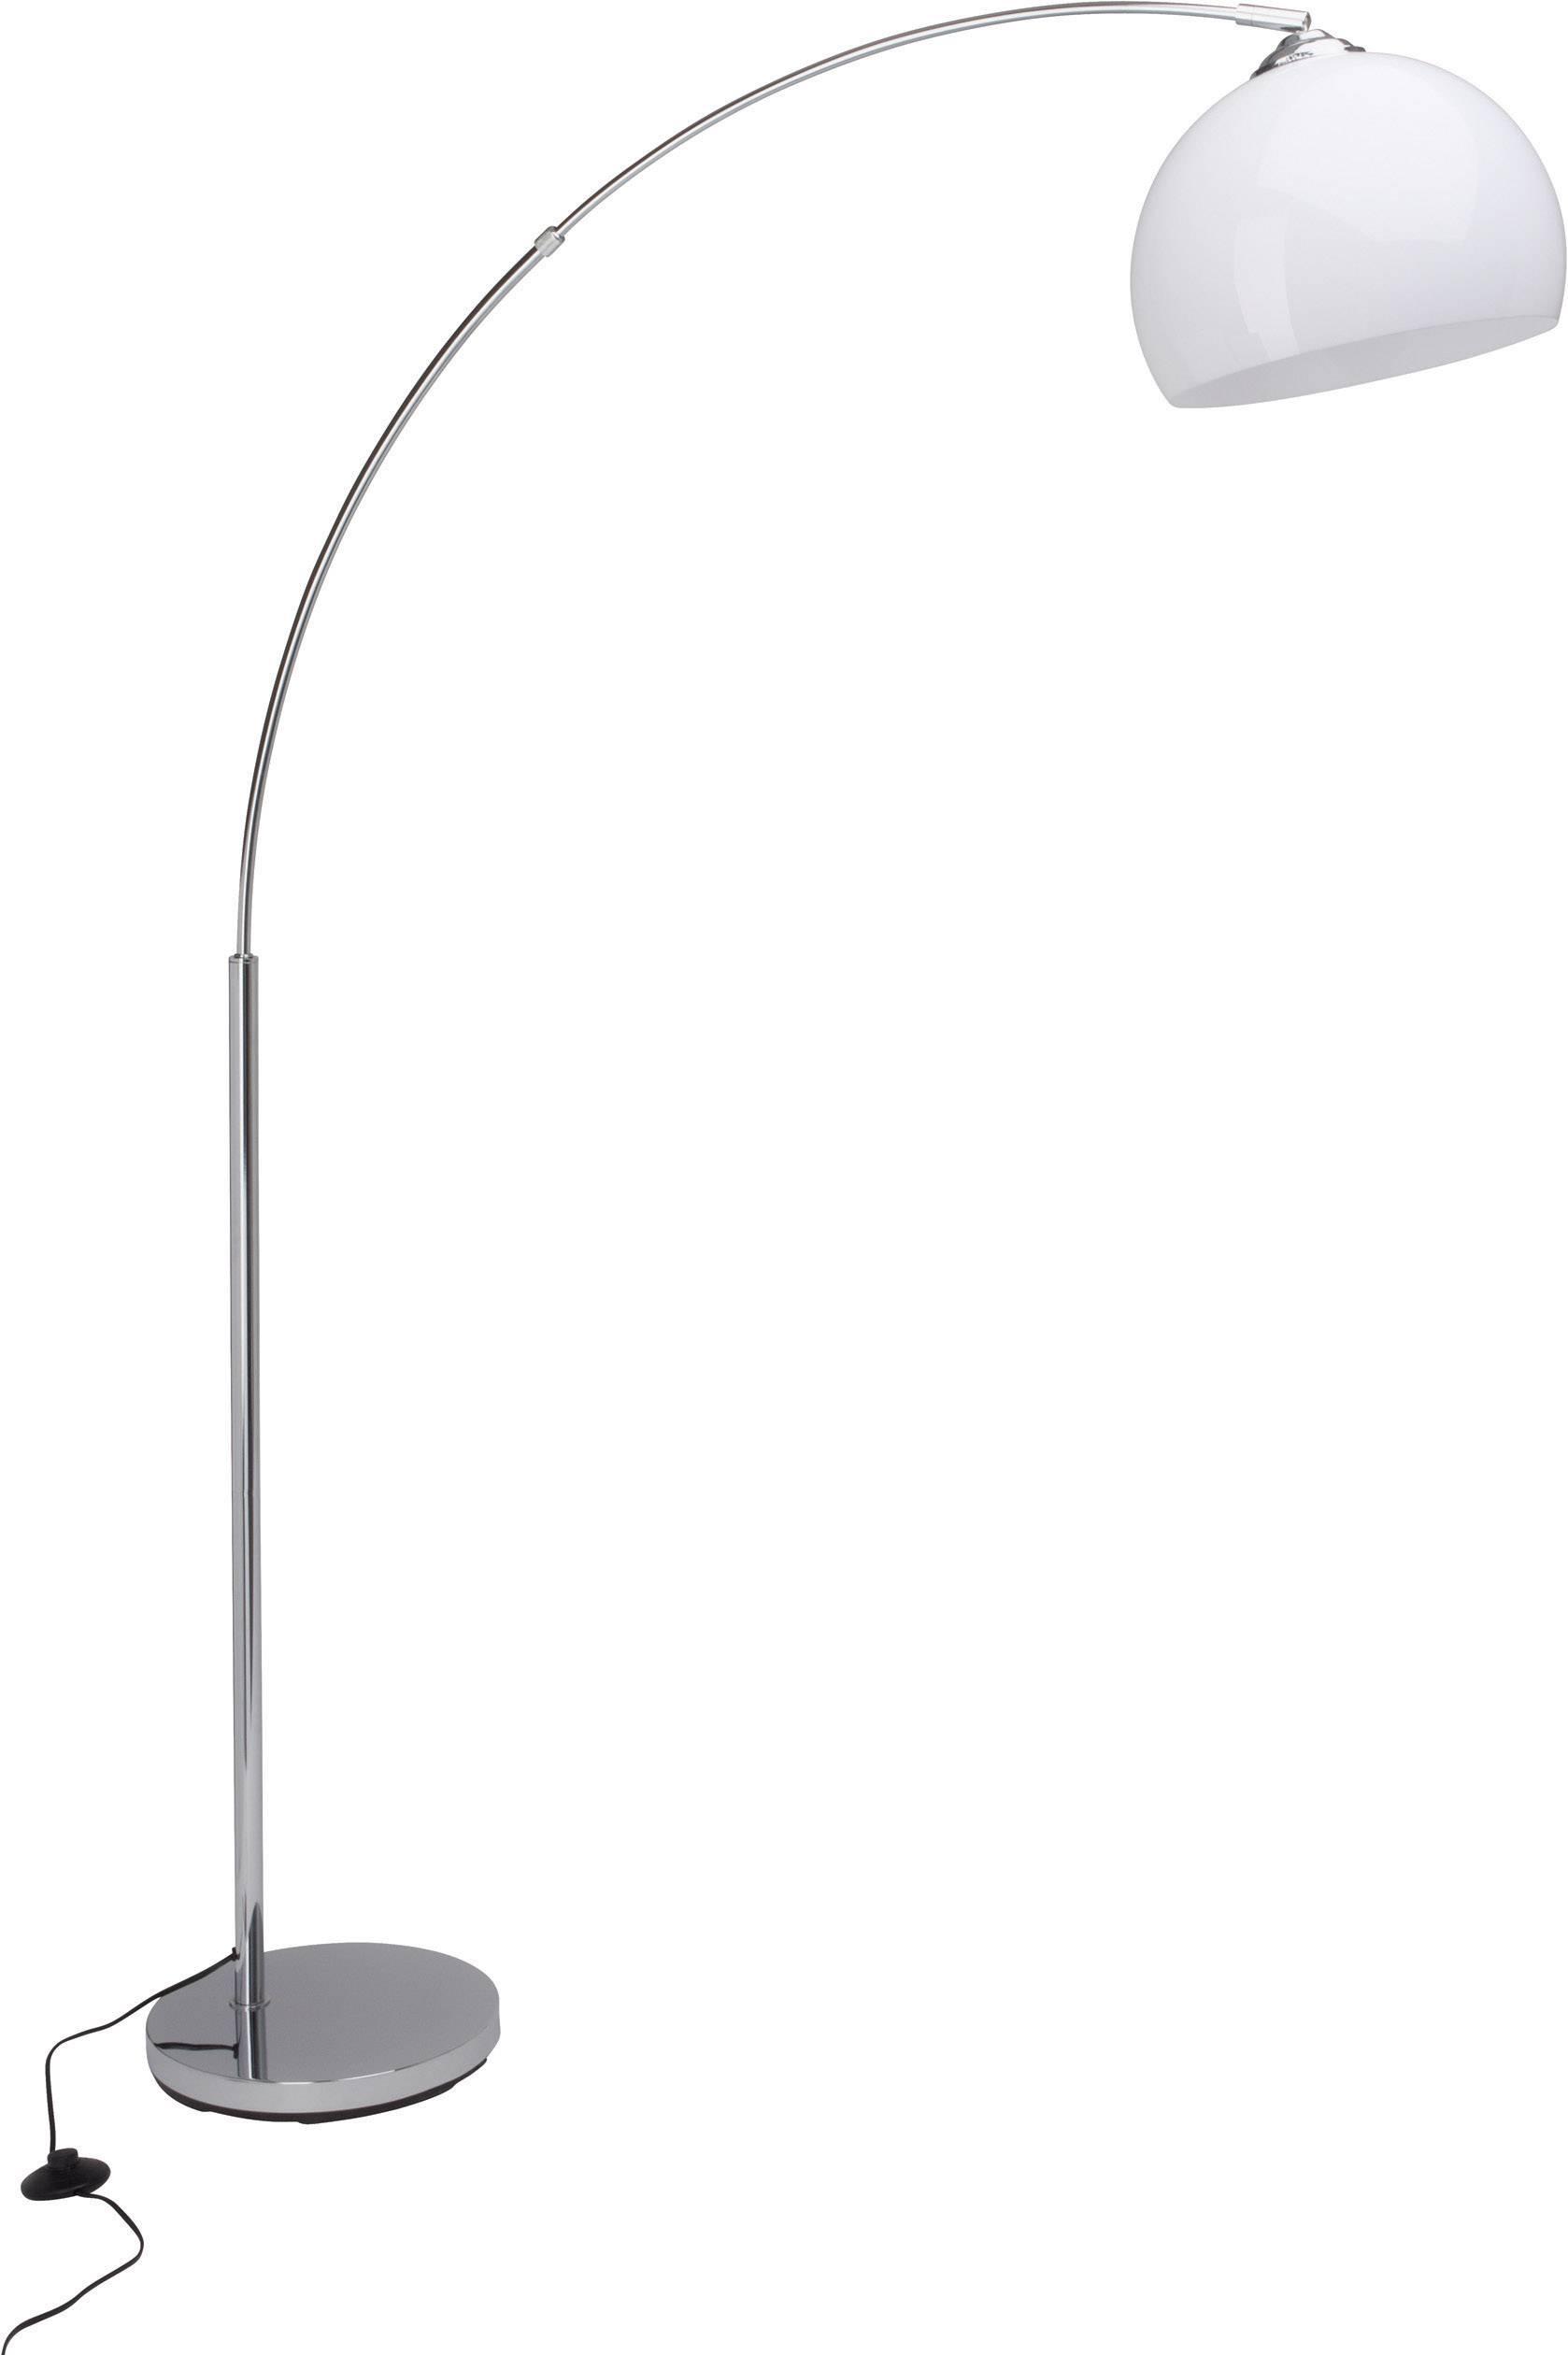 stehlampe-halogen-e27-60-w-brilliant-vessa-9294075-chrom-weiss Faszinierend Stehlampe Studio Schwarz Gold Dekorationen